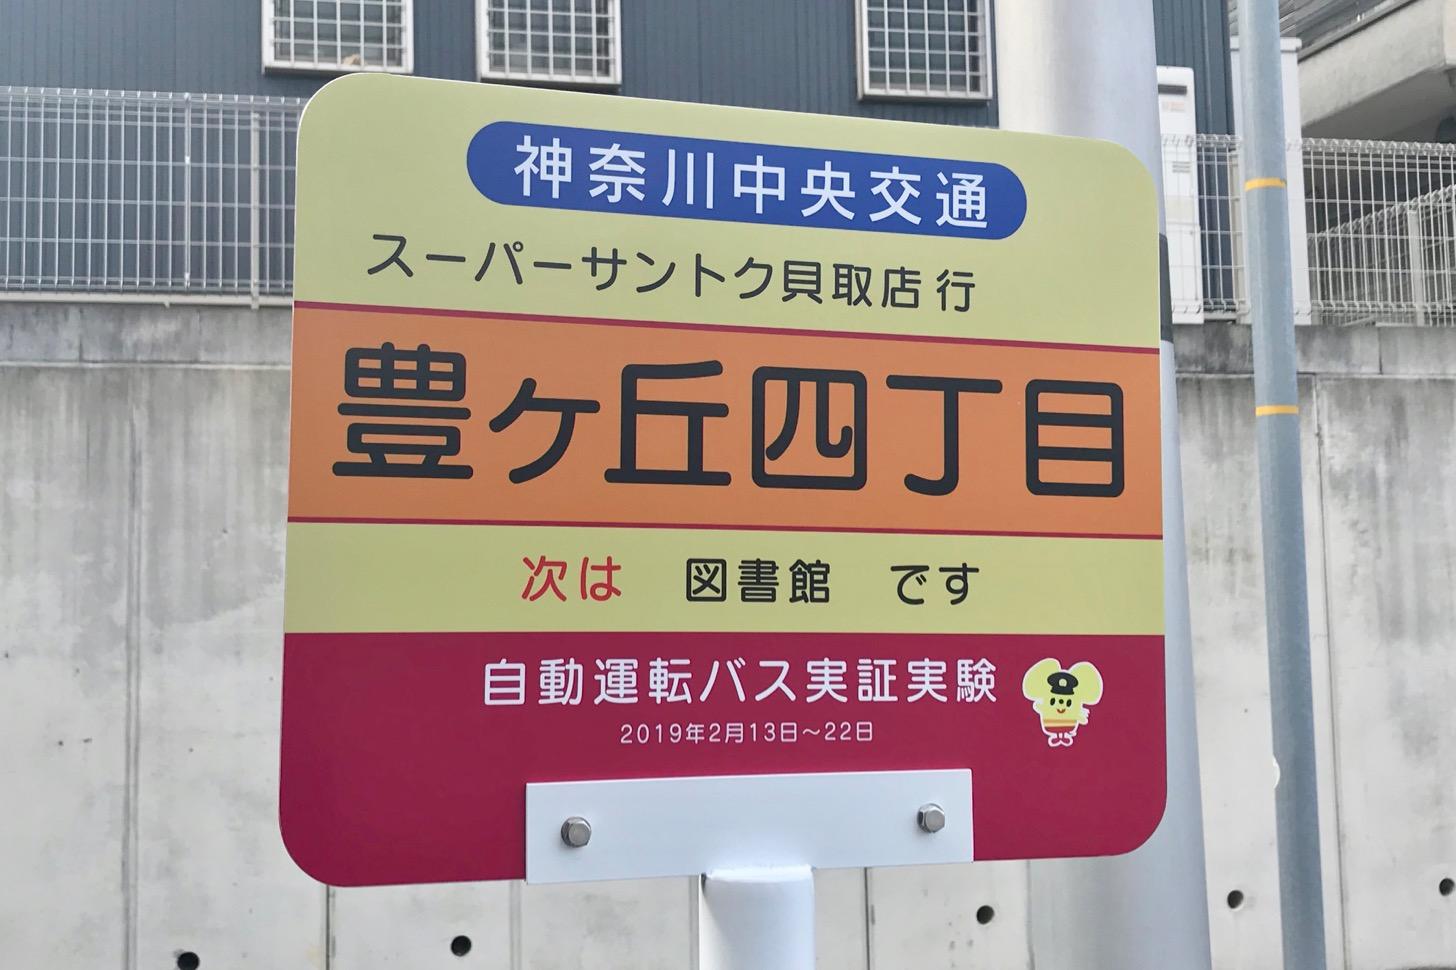 自動運転バス実証実験(豊ヶ丘四丁目)